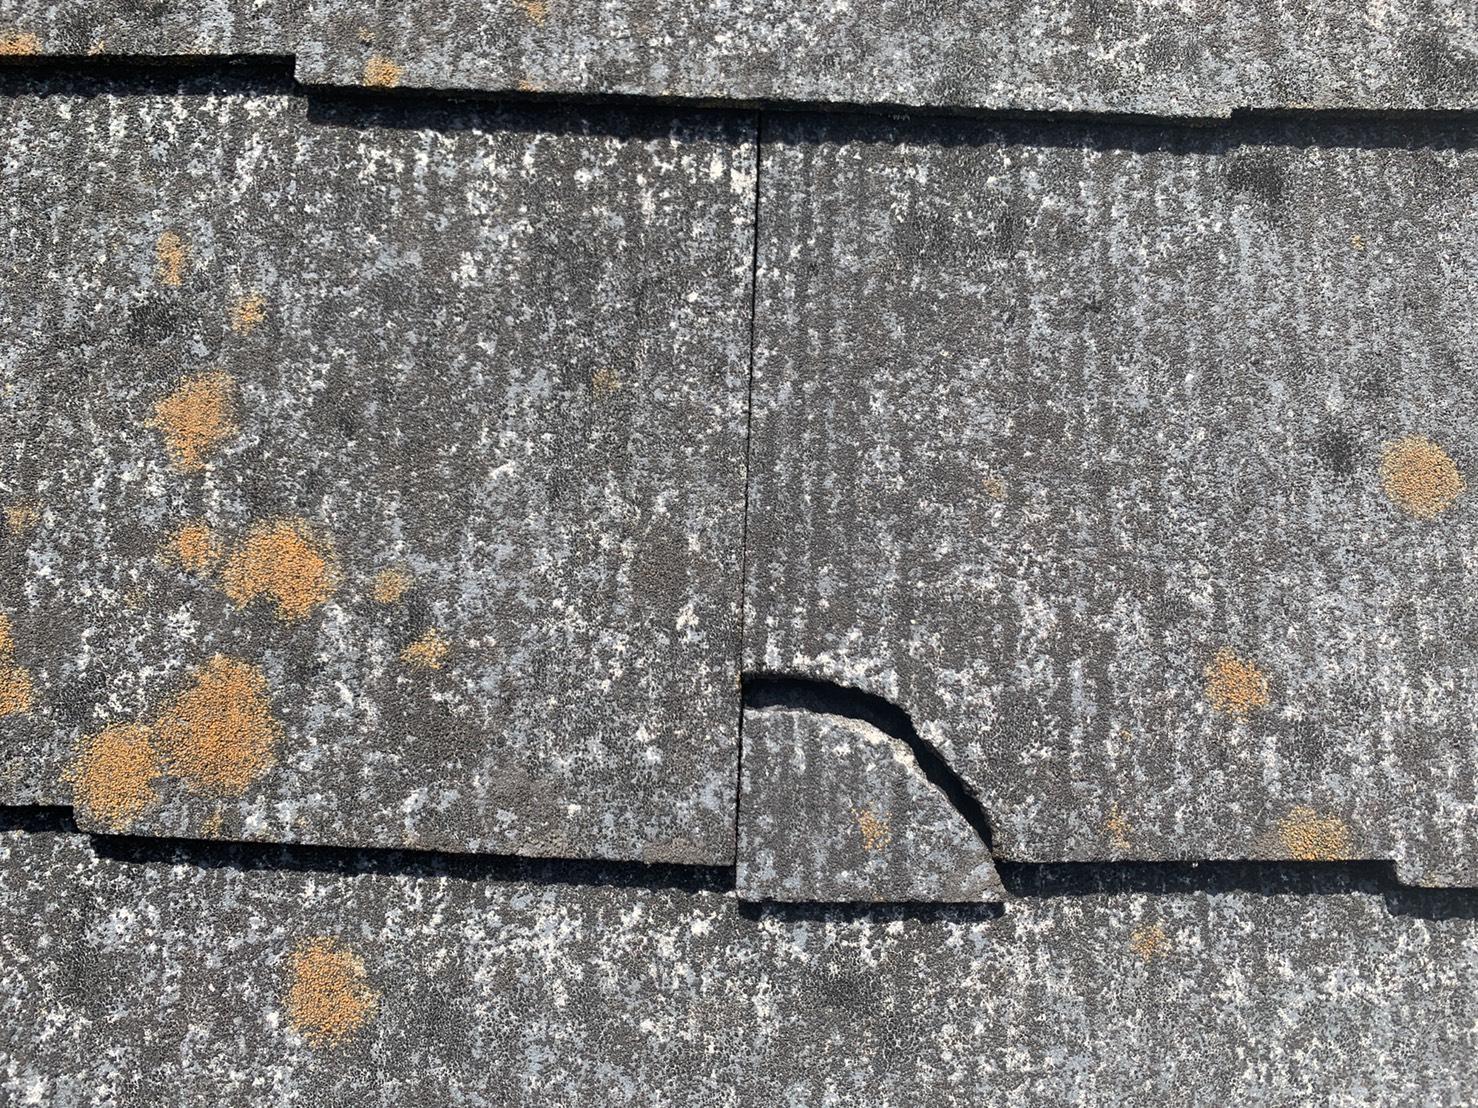 スレート屋根が経年劣化してひび割れている様子